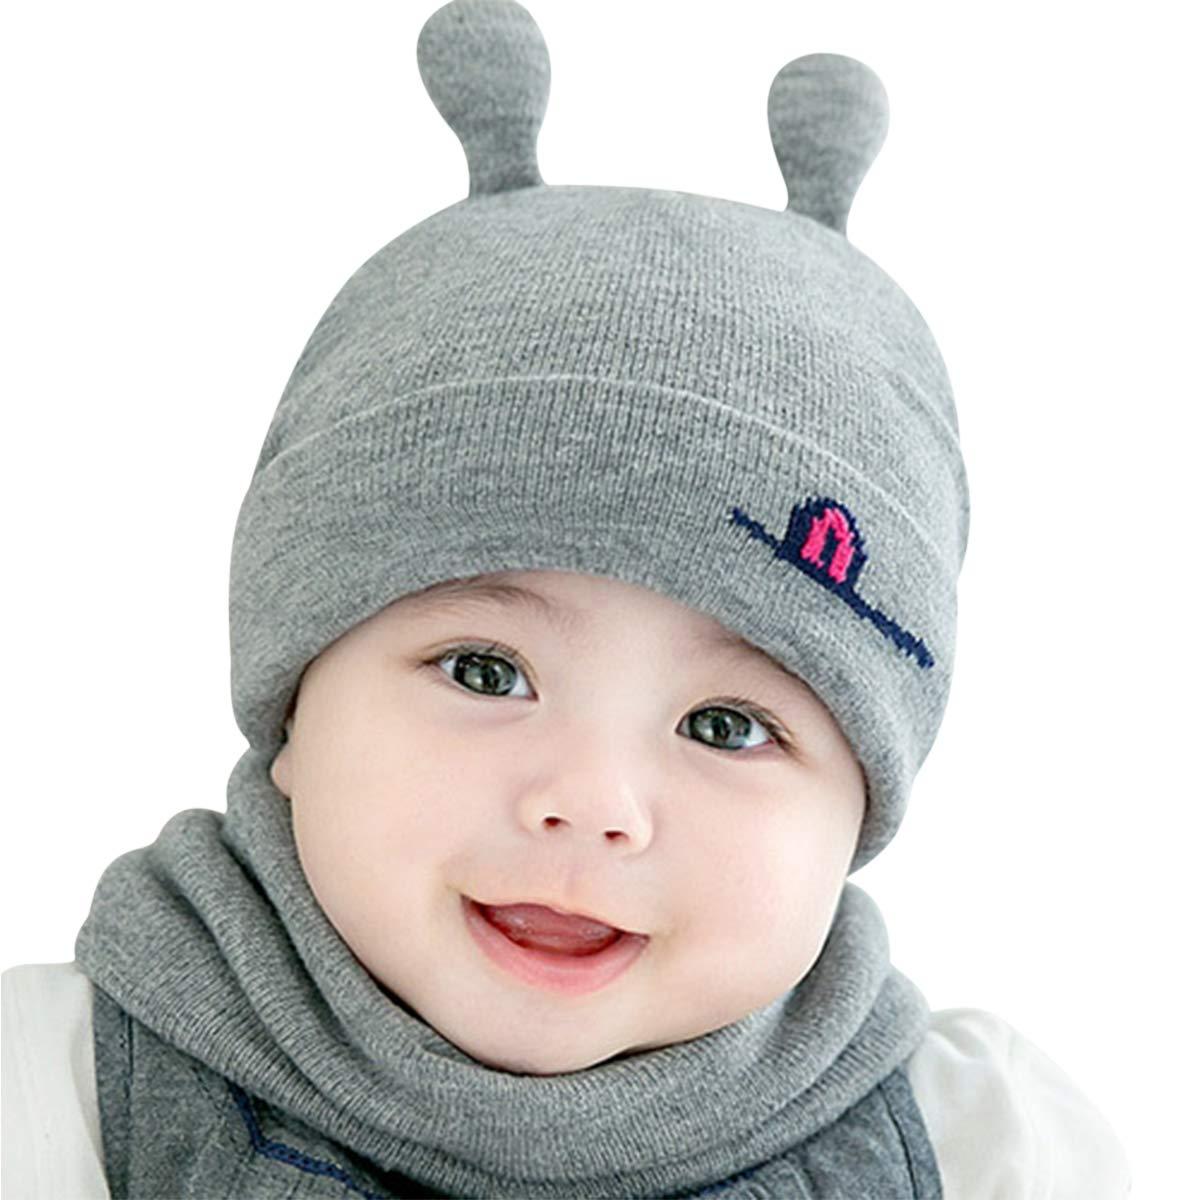 DORRISO Gorra de Bebe Otoño Invierno Cómodo Calentar Pequeña Cuerno de Caracol Gorras con Bufanda Linda Sombrero de Niño Apto para 1 Mes-2 años bebé. CP-ER004